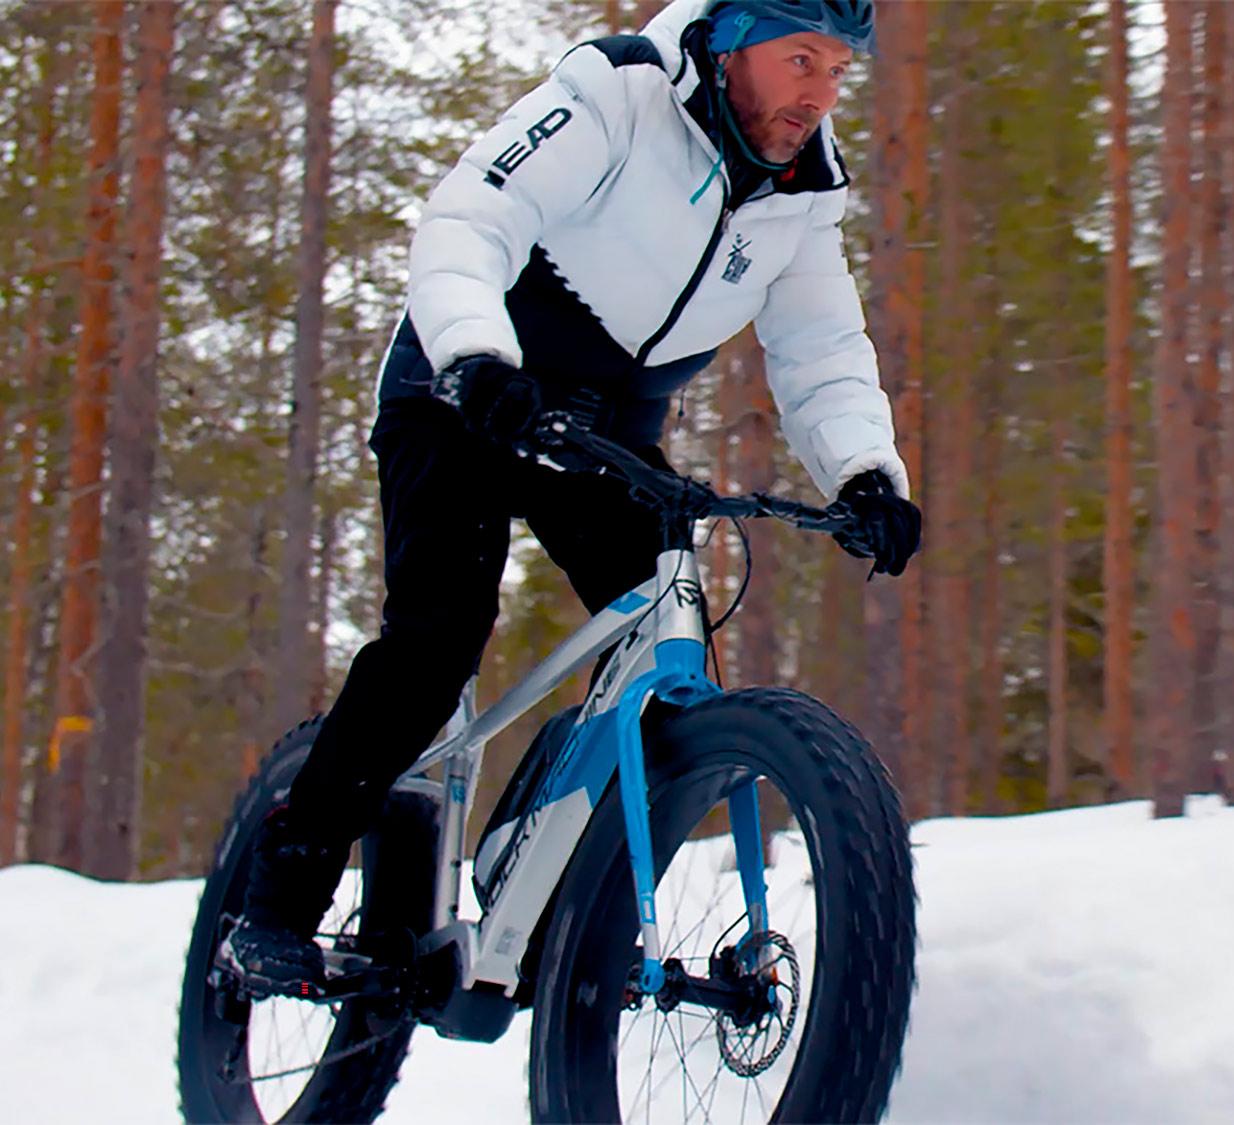 Fatbike-pyöräilijä Levillä.